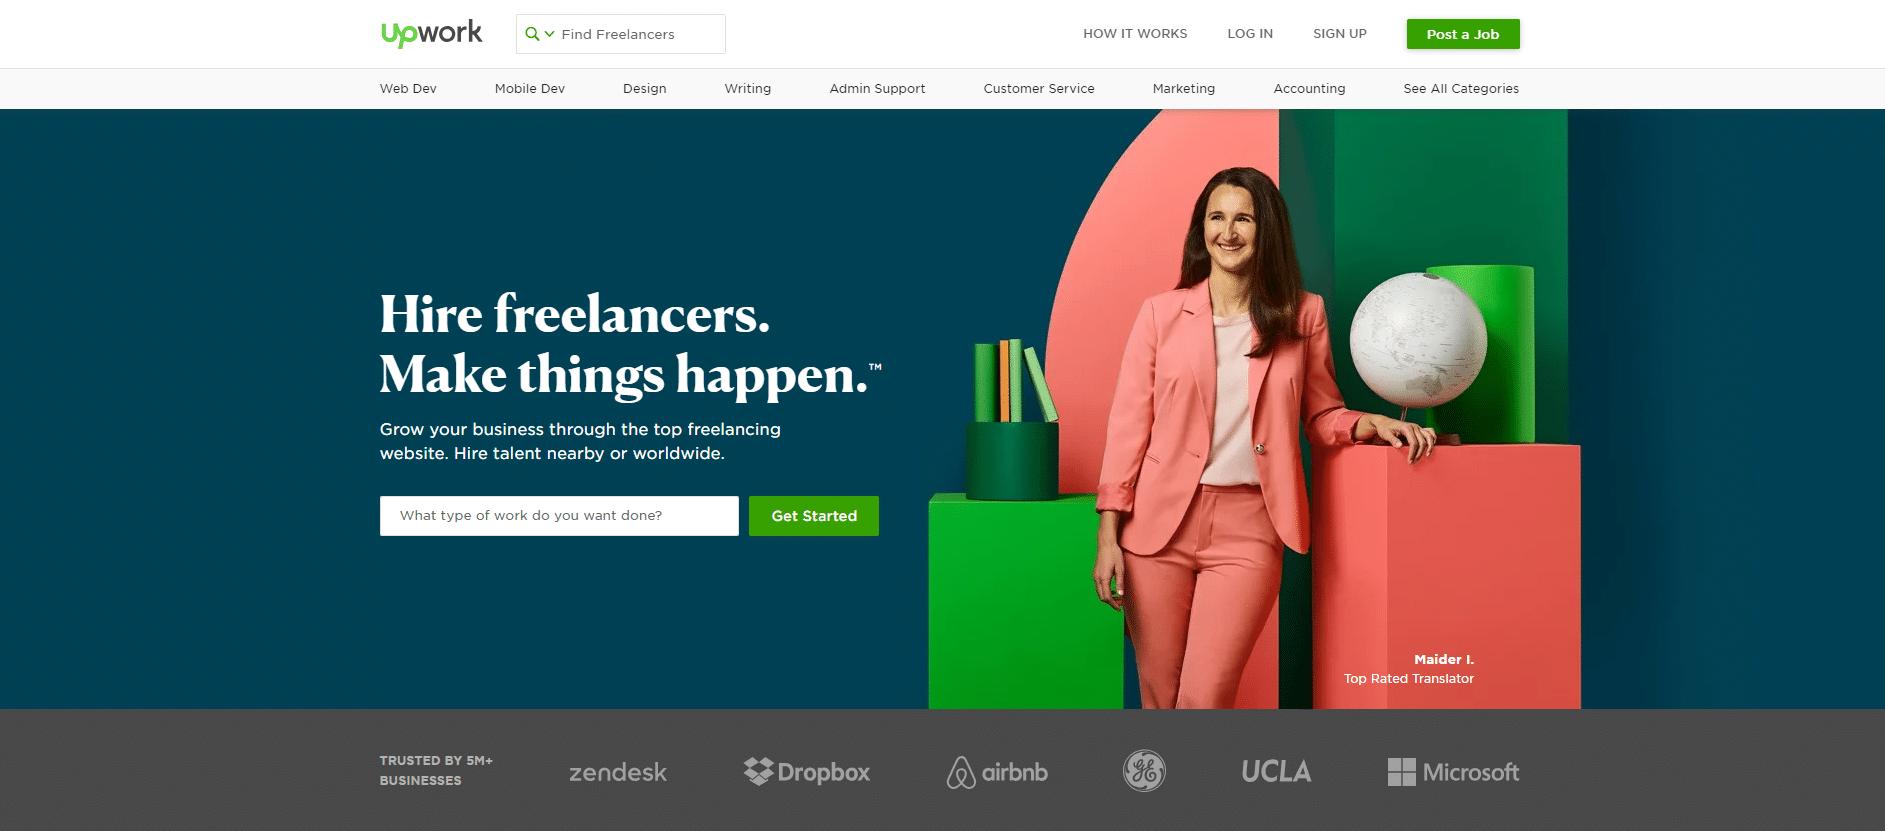 Upwork Anmeldung Homepage